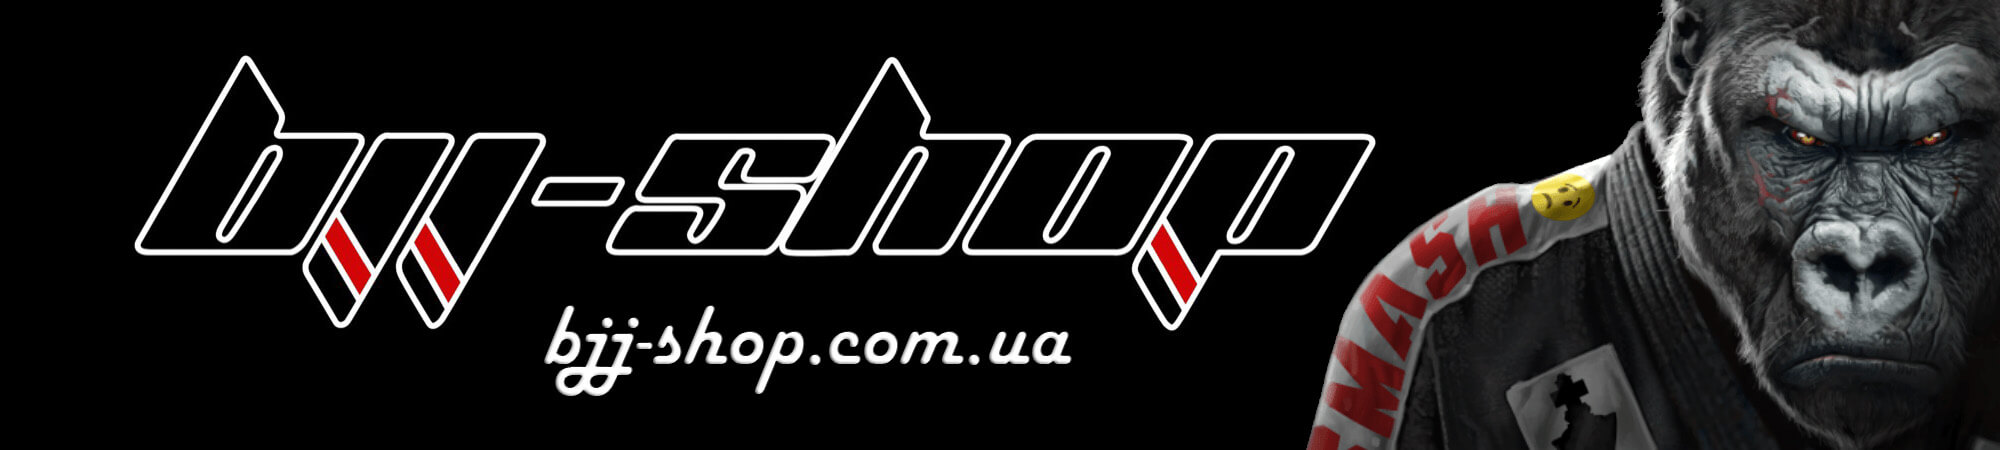 Интернет-магазин http://bjj-shop.com.ua/